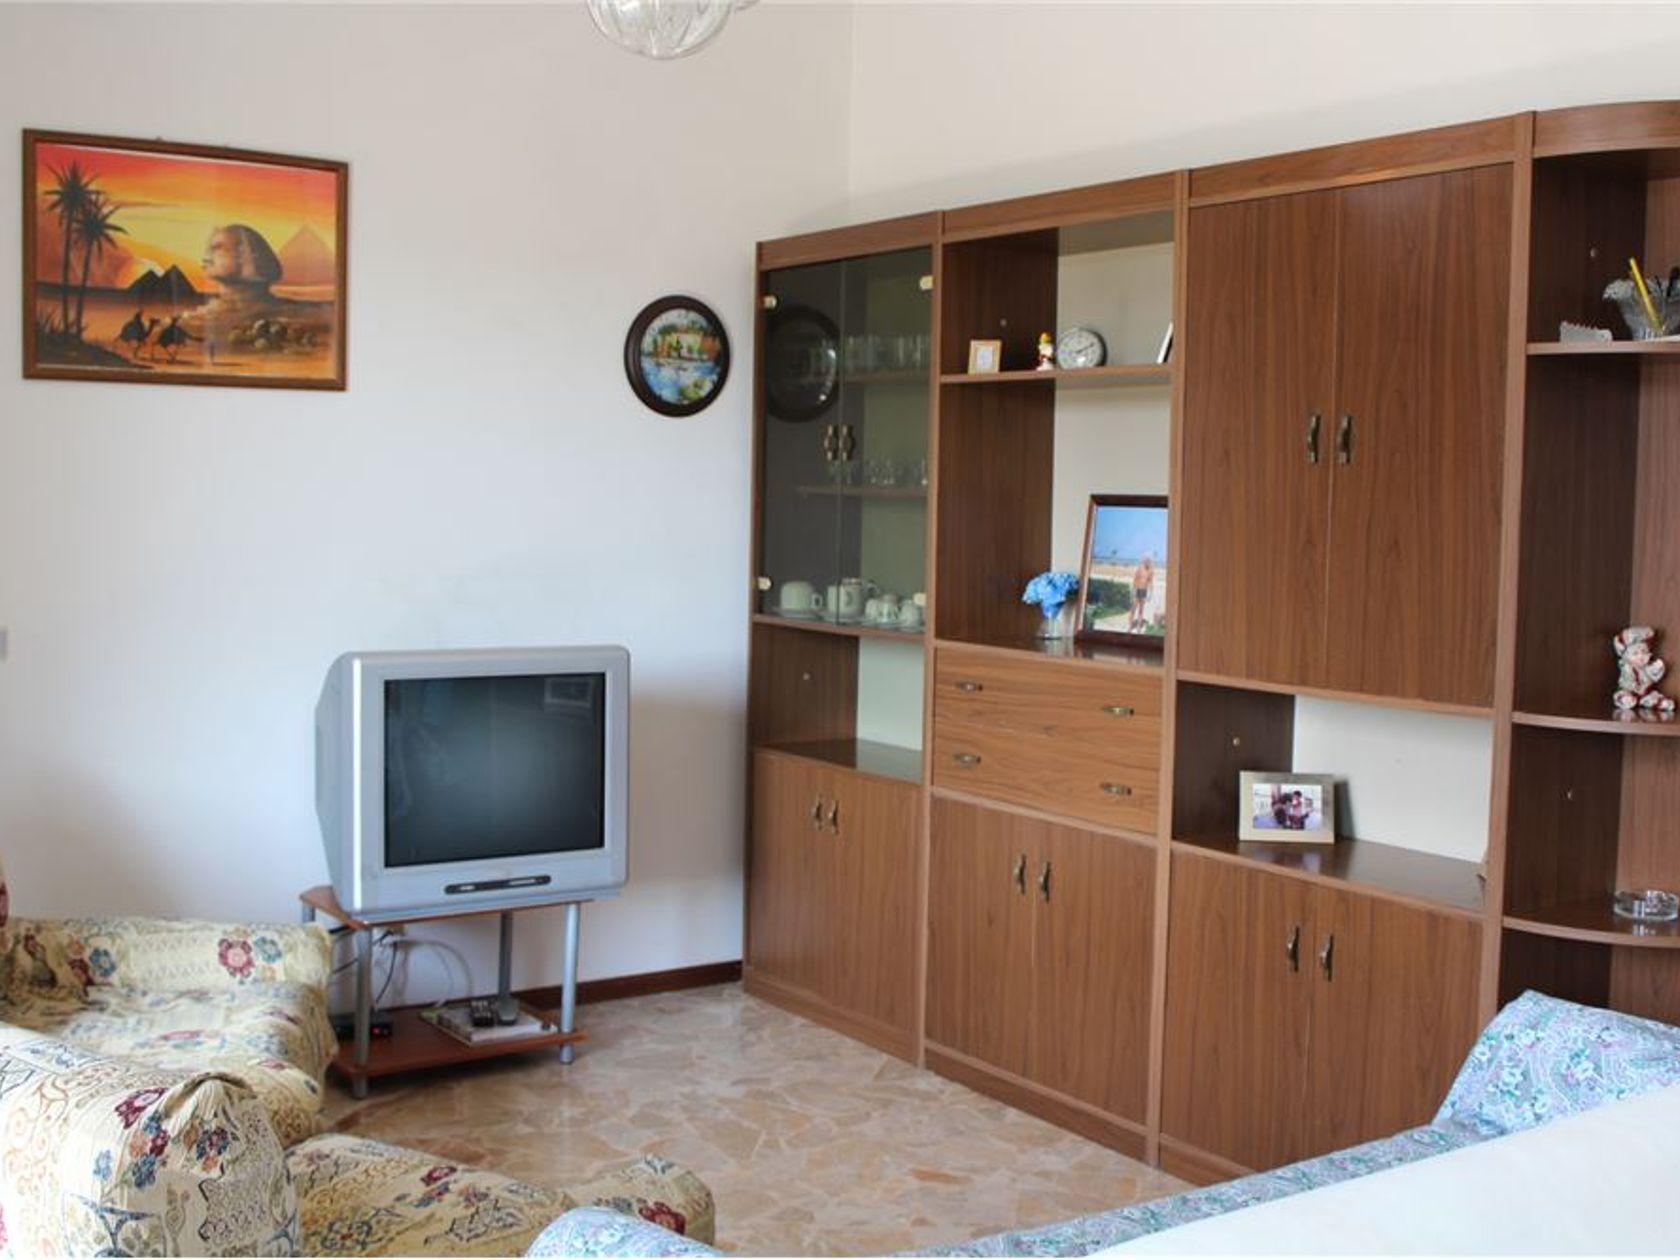 Appartamento Vasto Marina, Vasto, CH Vendita - Foto 5